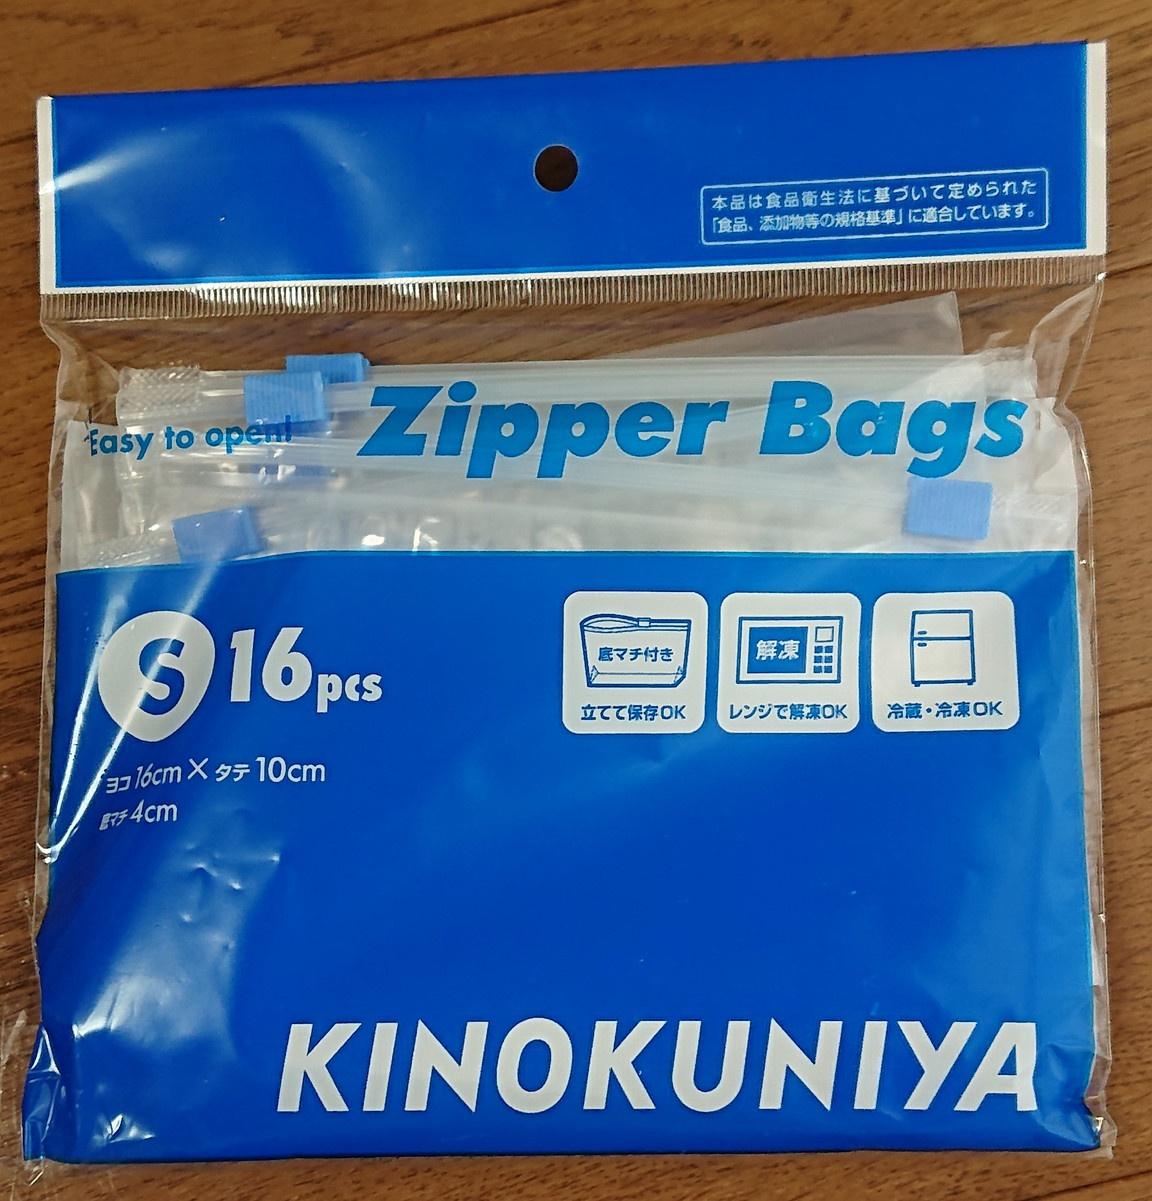 紀ノ国屋(KINOKUNIYA)スライドジッパーバッグ Sを使ったあんころさんのクチコミ画像2